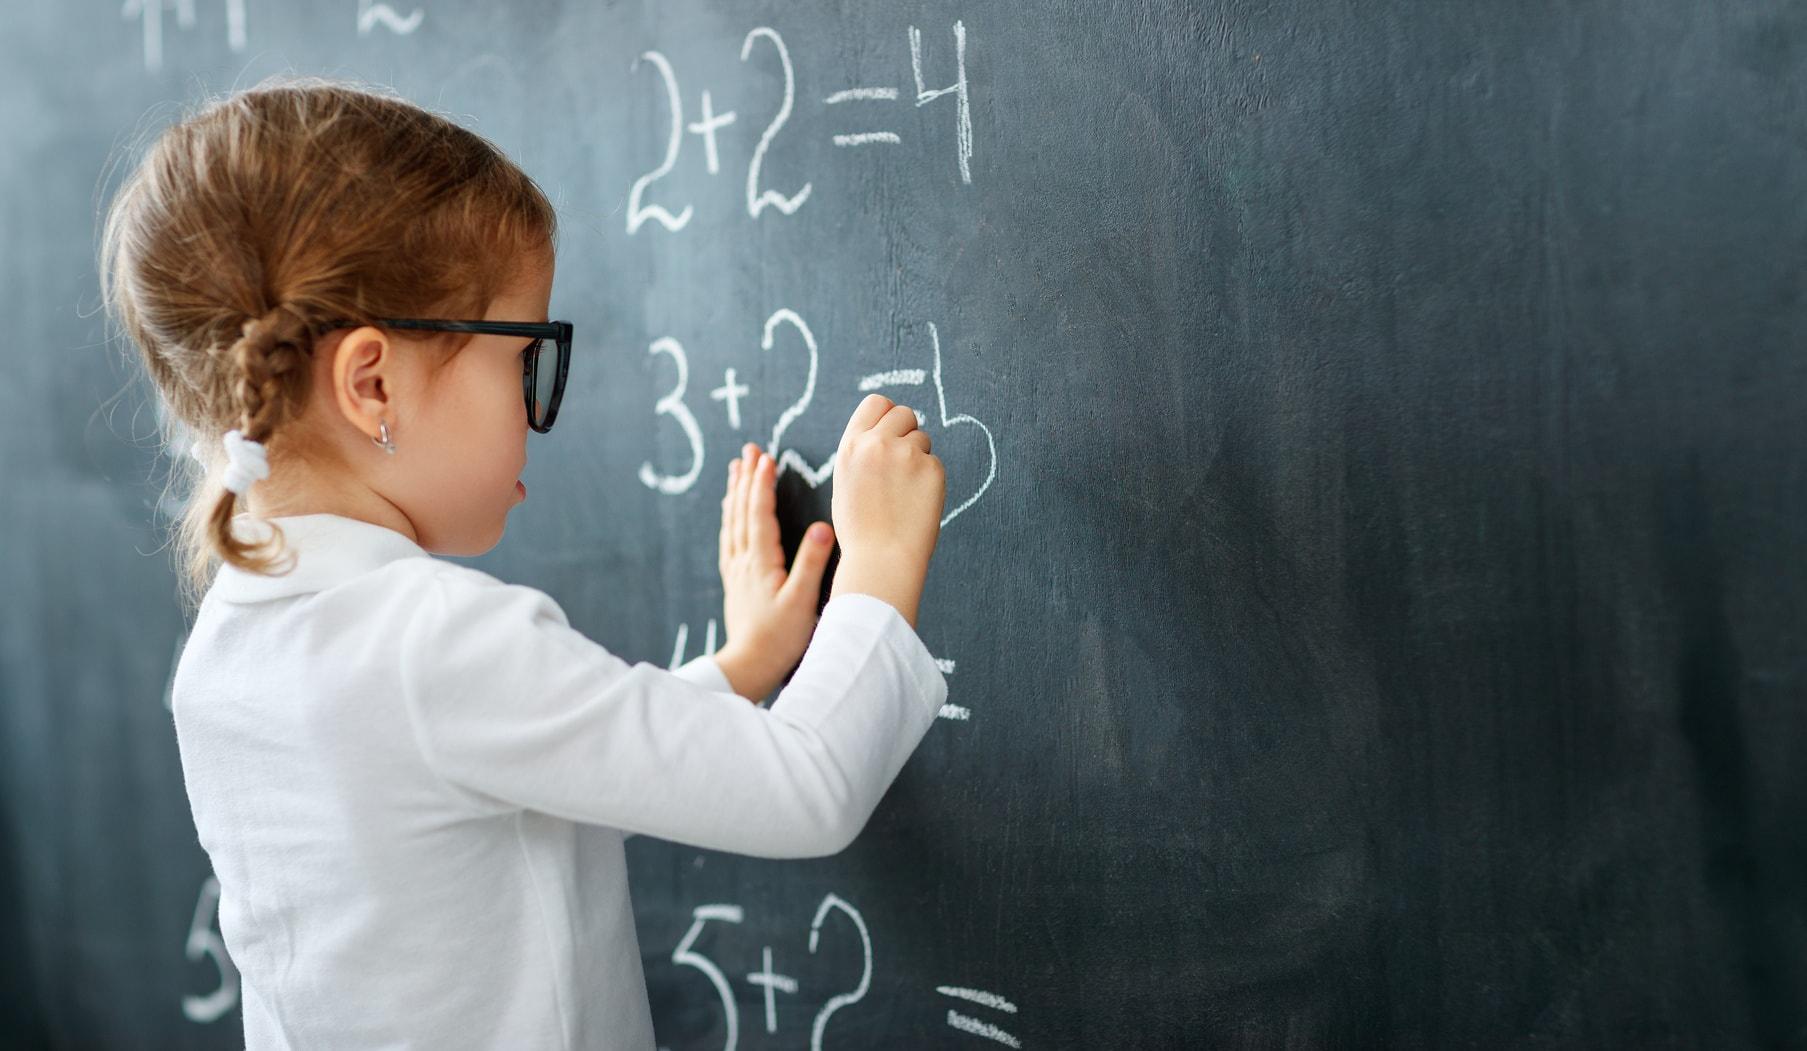 Özel Öğrenme Güçlüğü (Disleksi) Nedir?